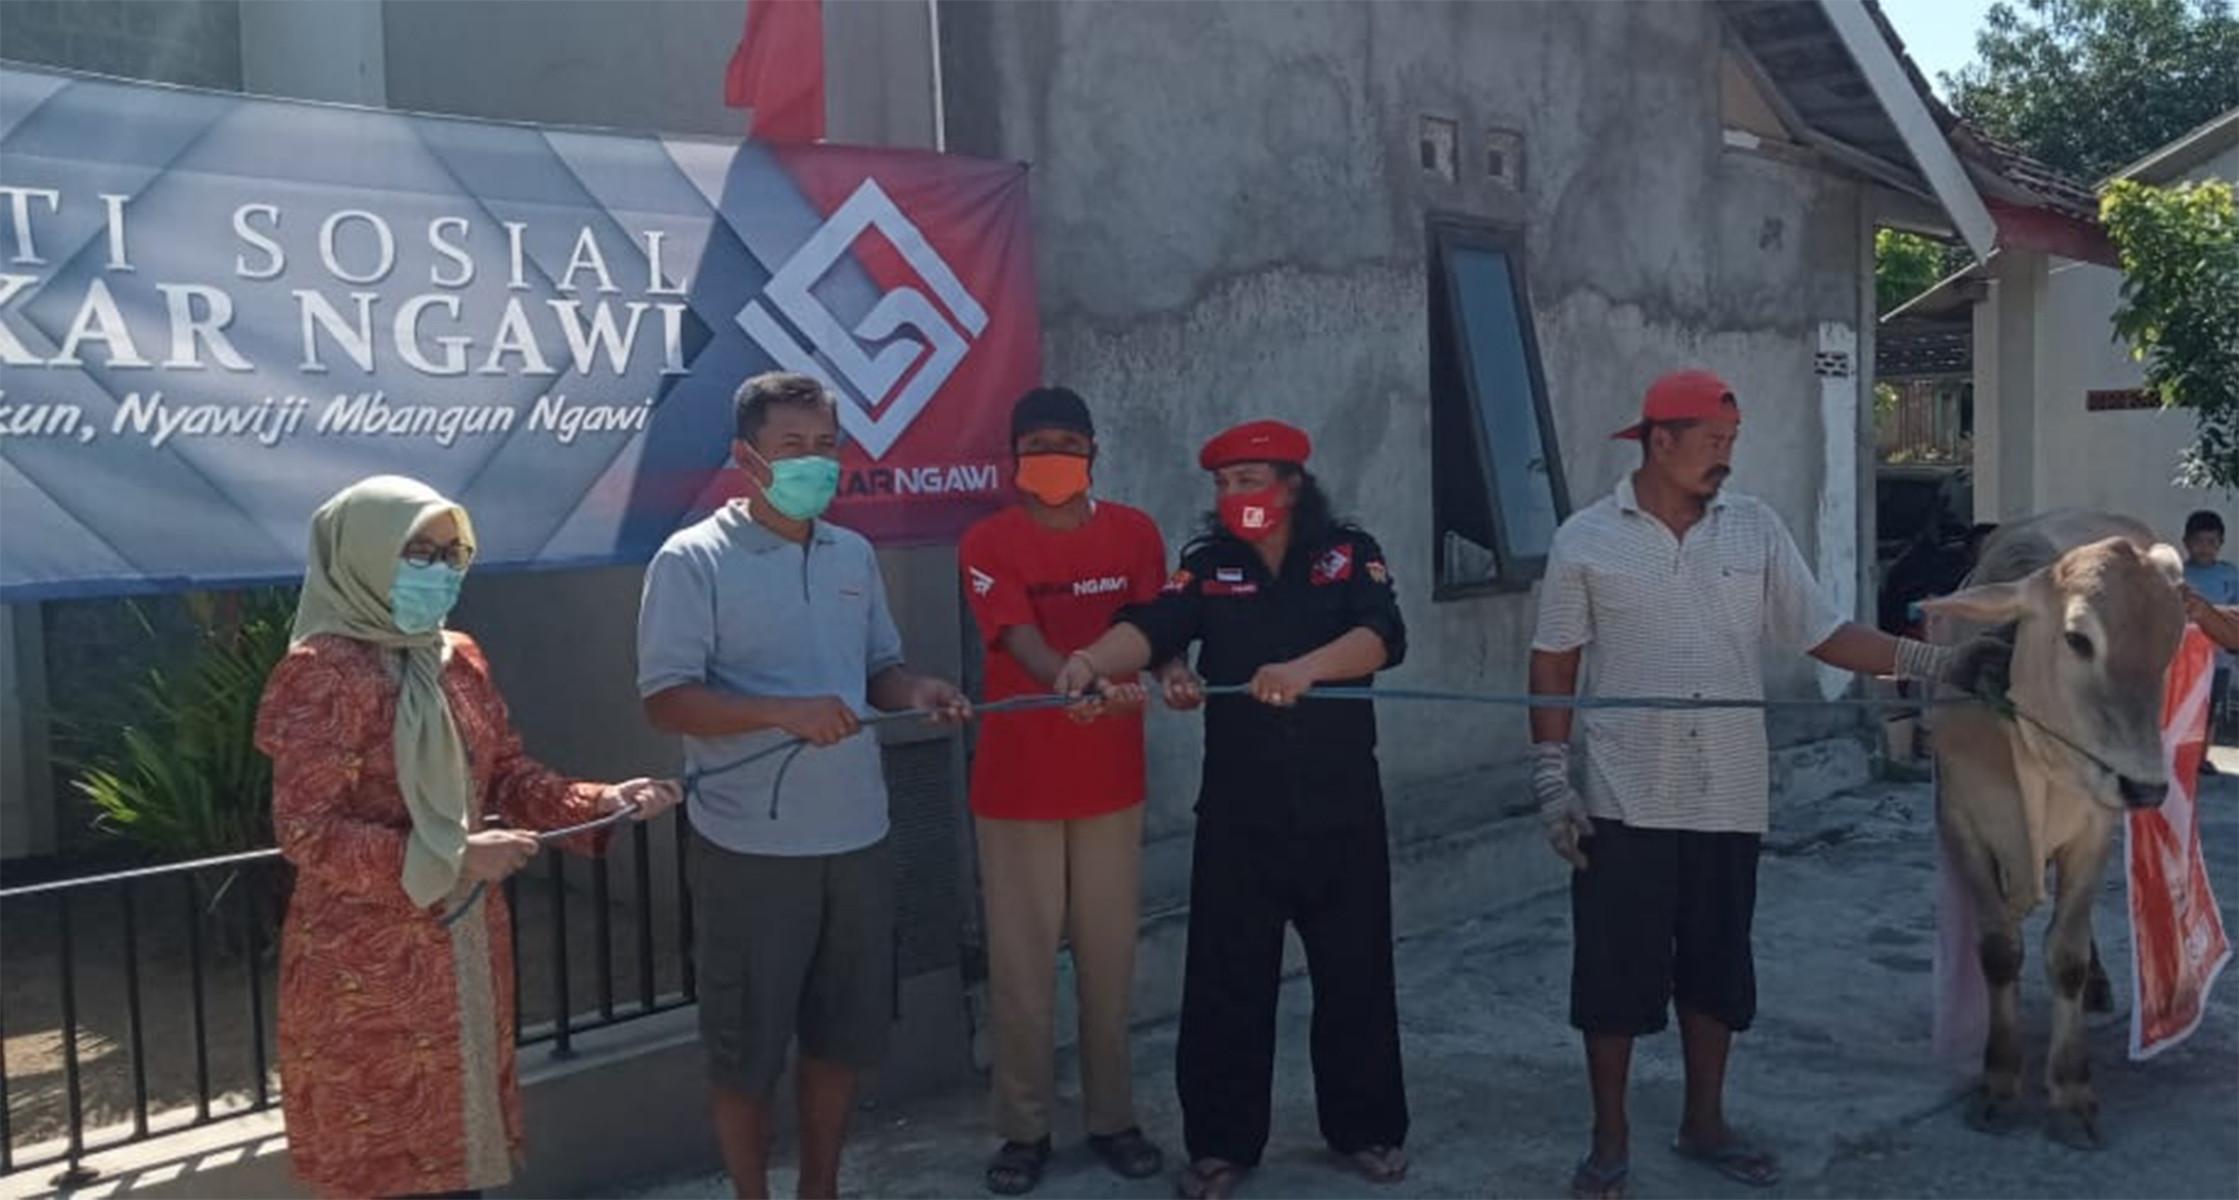 Laskar Ngawi Berbagi Hewan Kurban, Semoga Bermanfaat Buat Masyarakat - JPNN.com